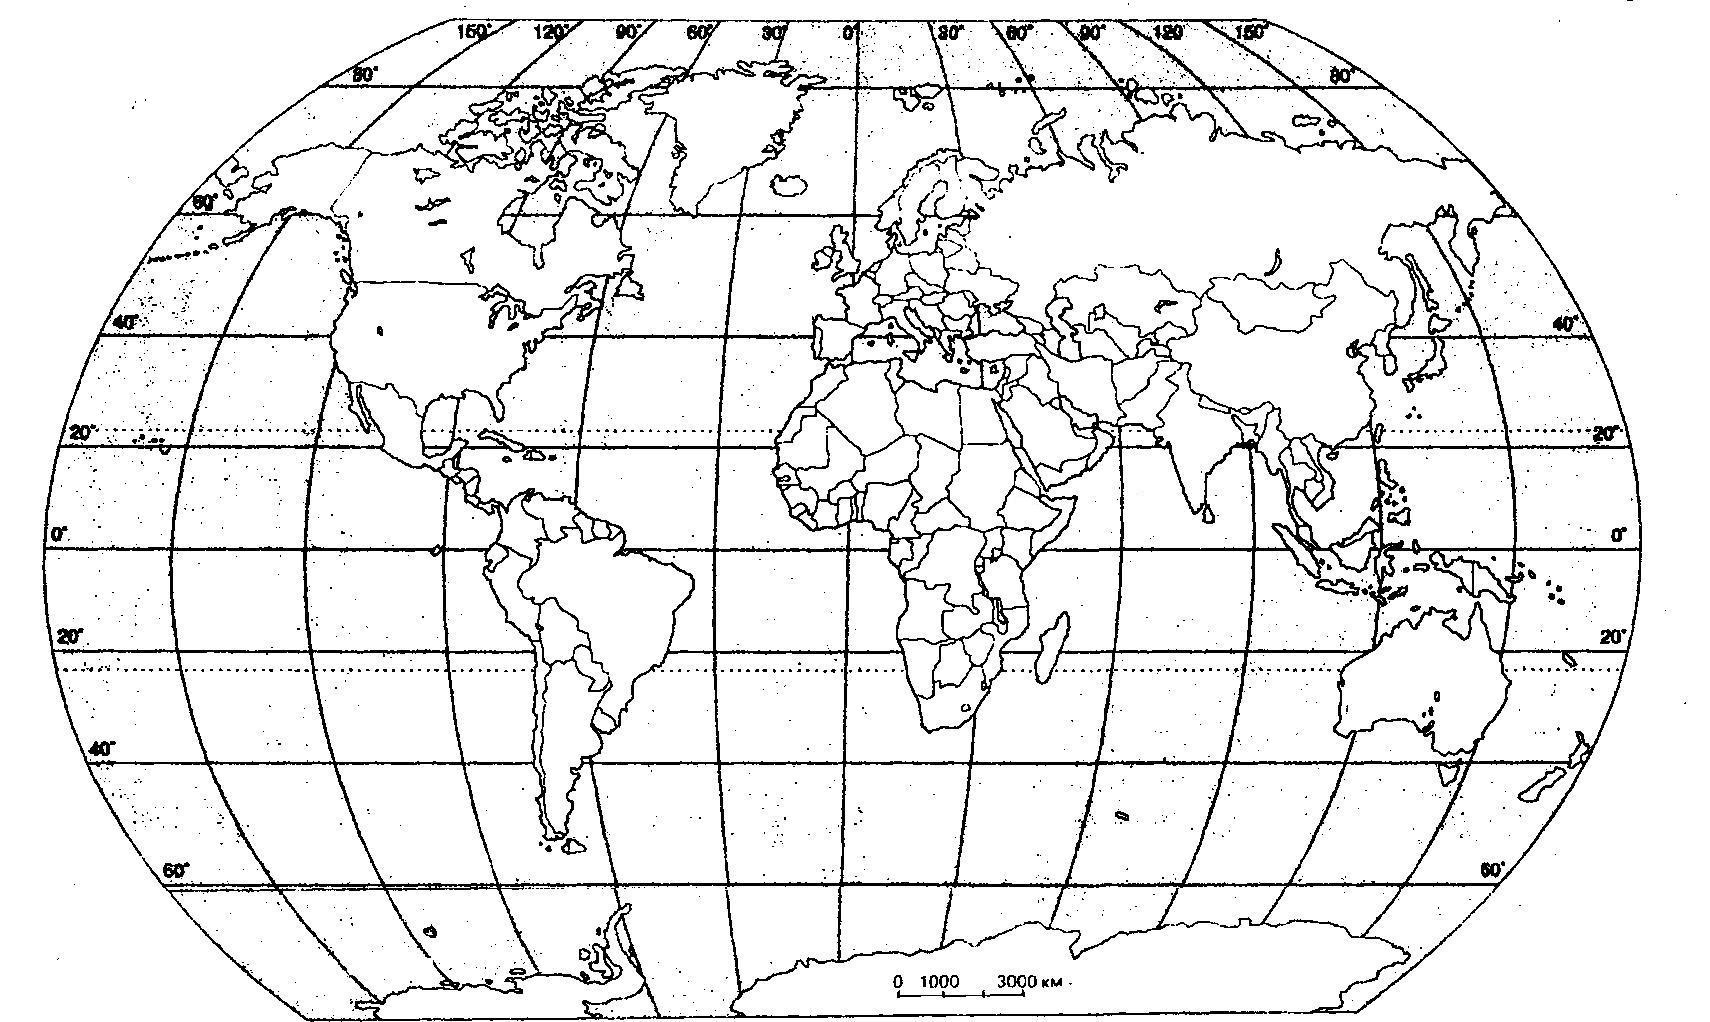 kk_map_world.JPG